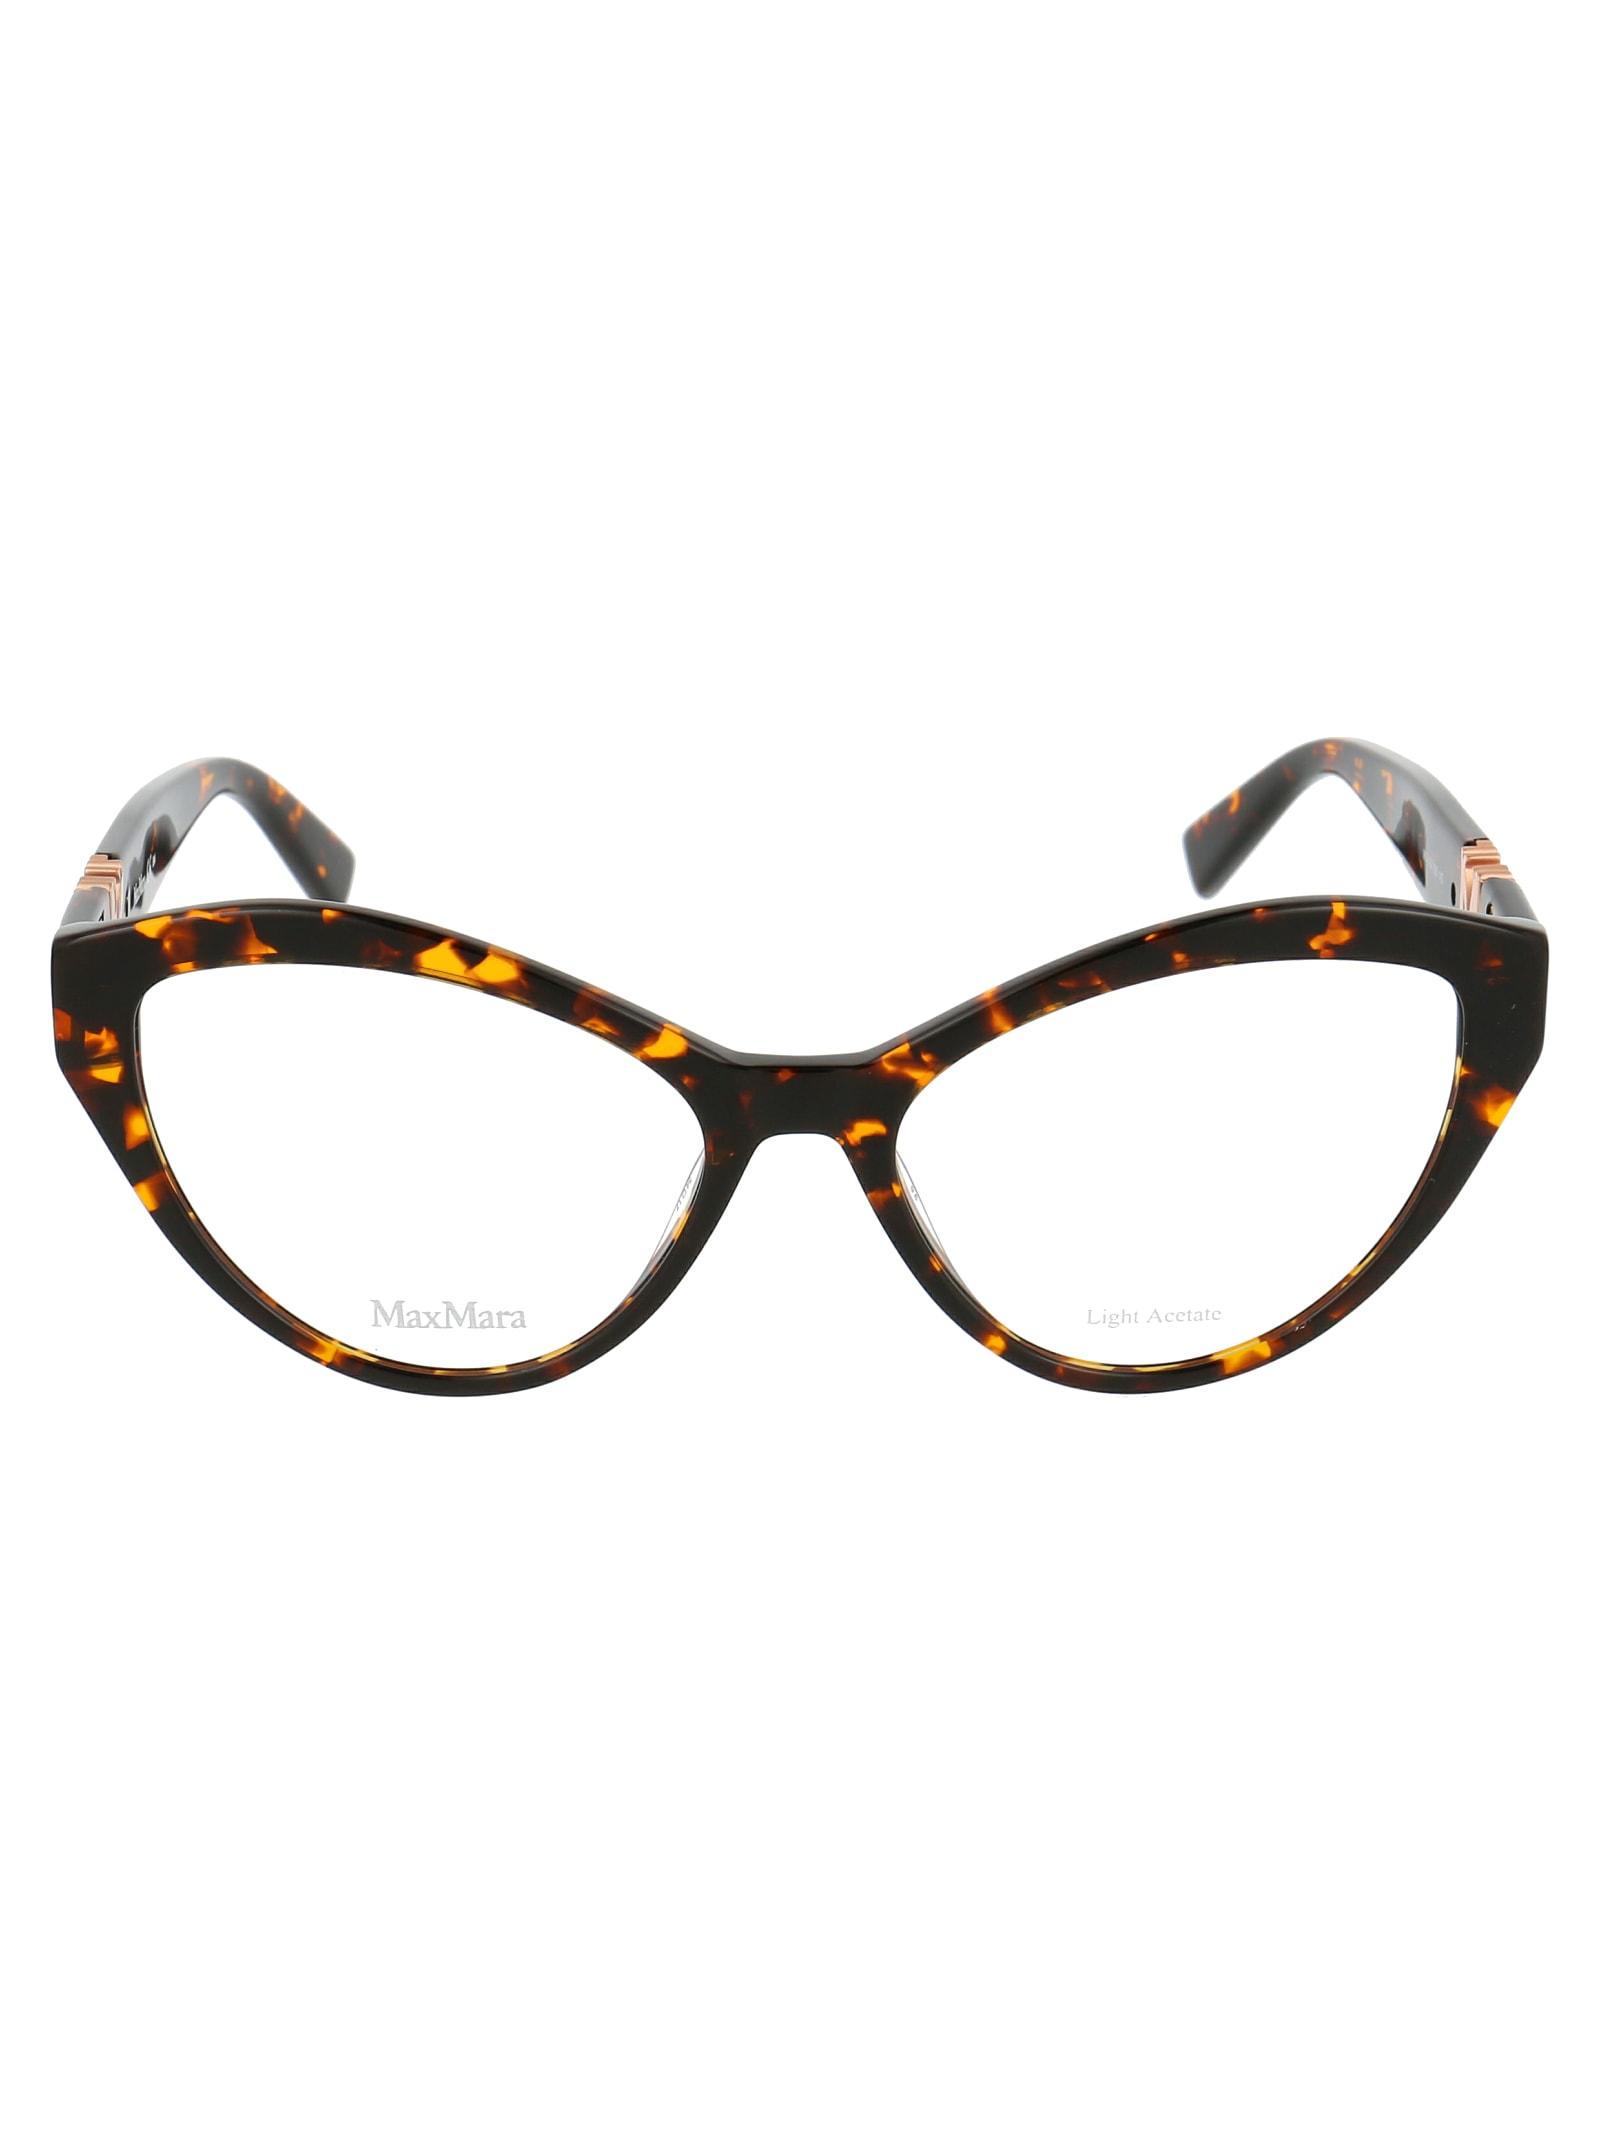 Max Mara Glasses